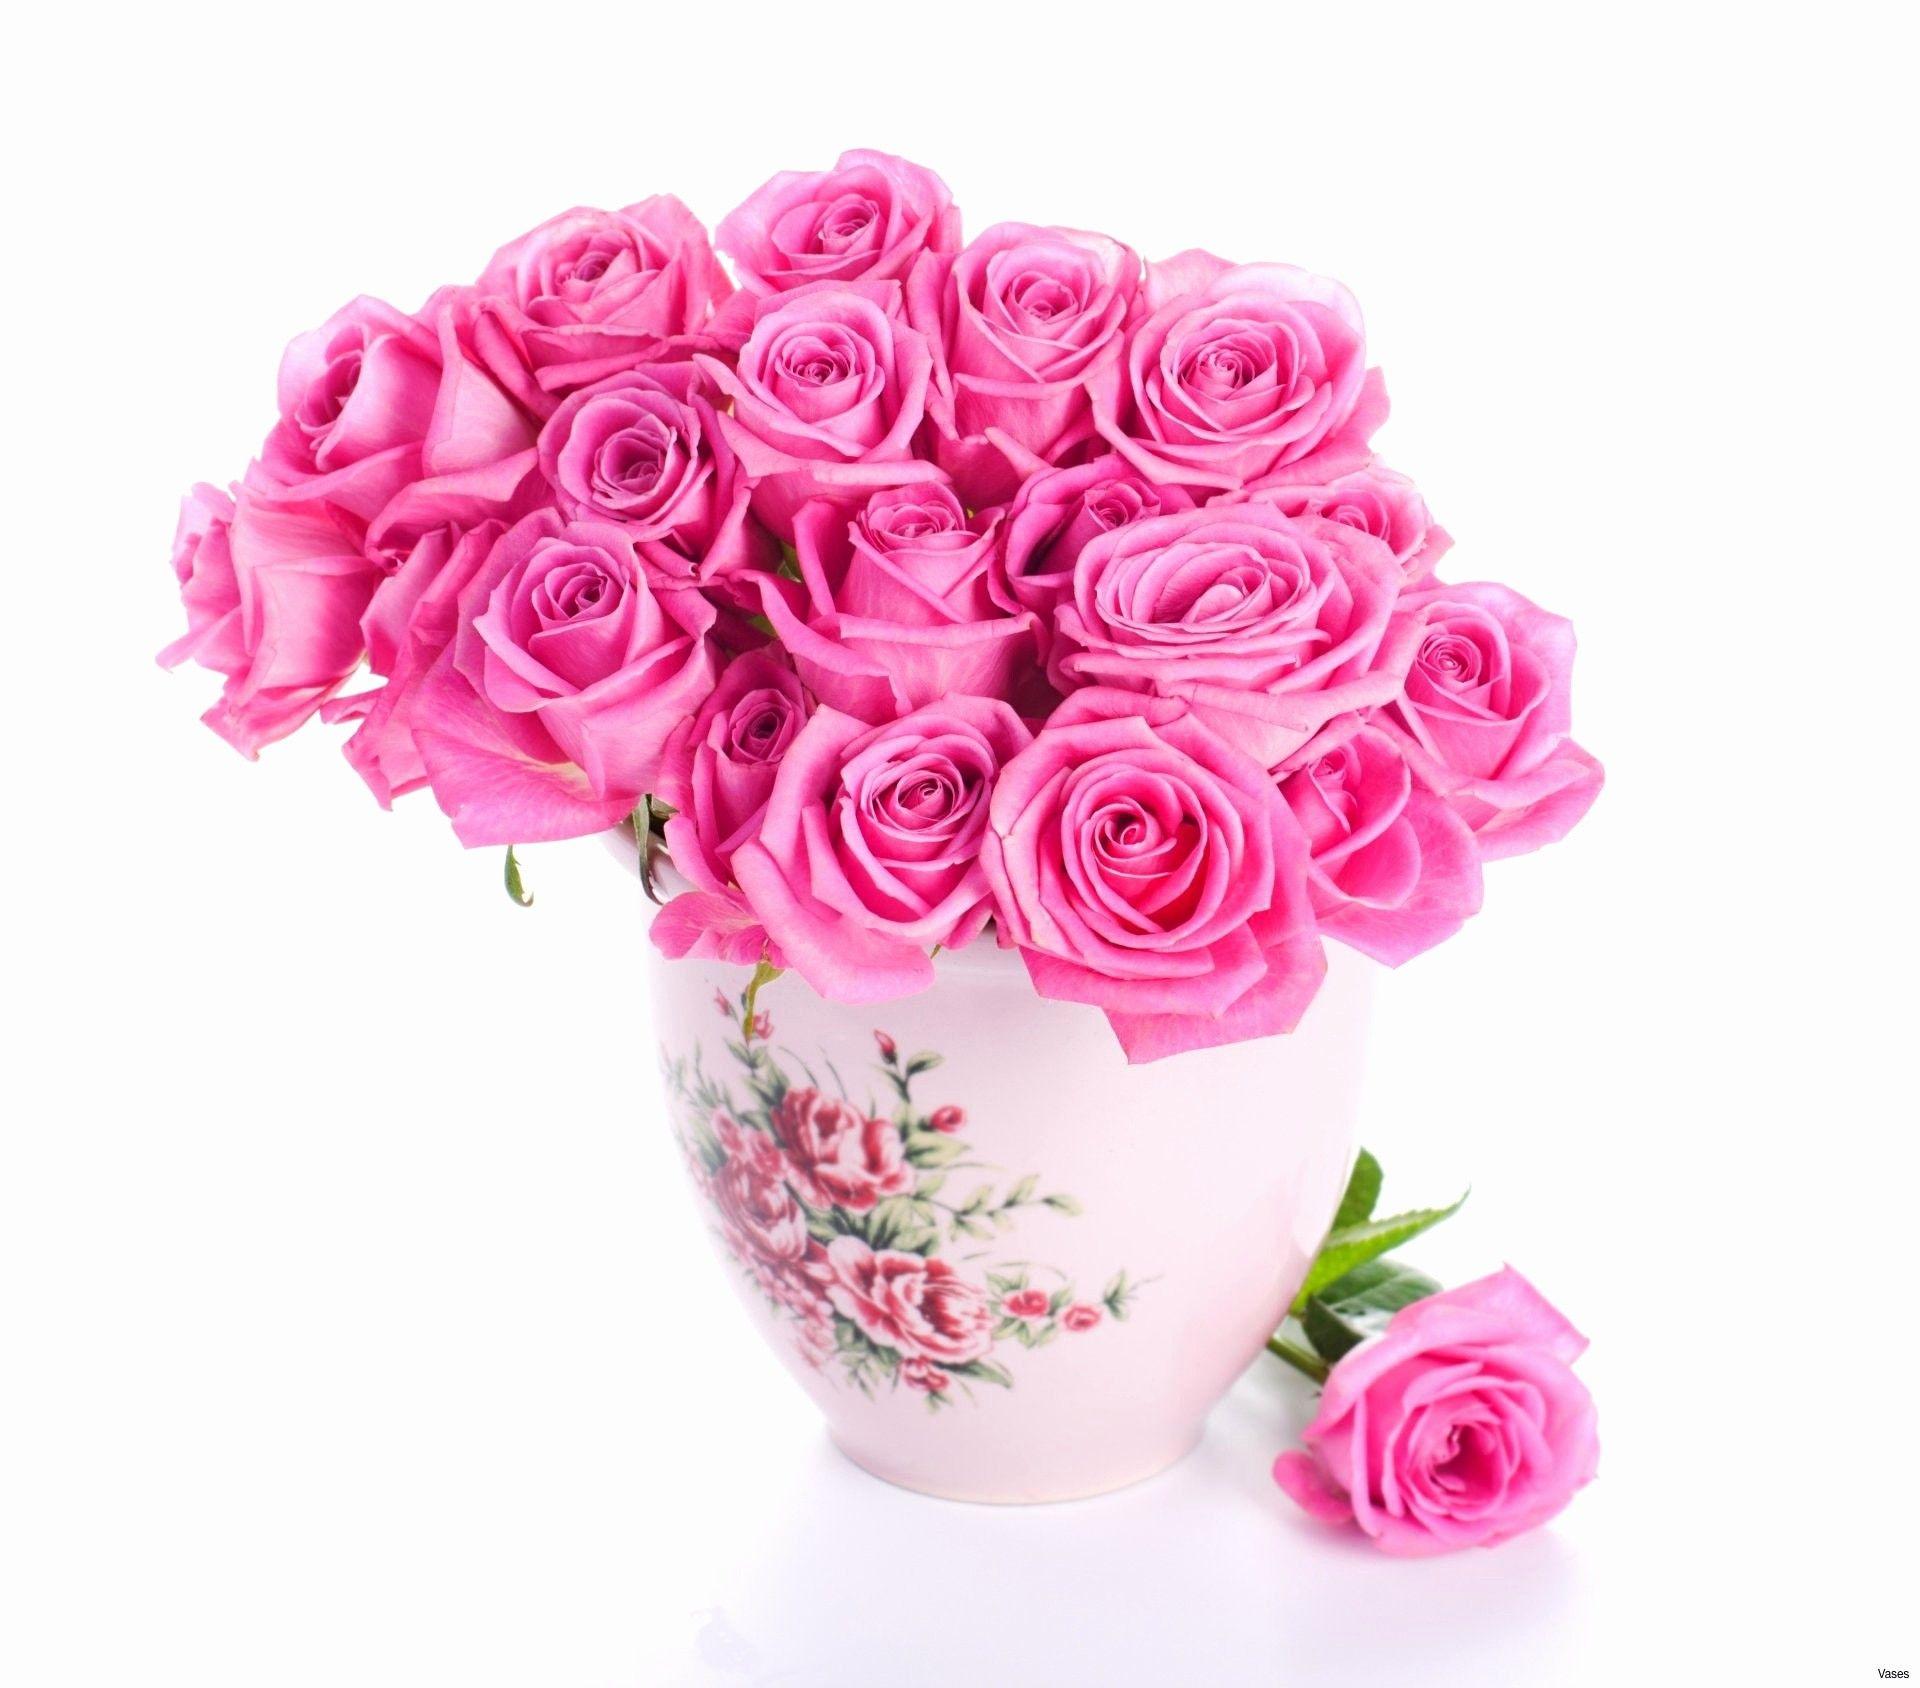 Free Wallpaper Lovely Rose Flower Vase Hd Free Wallpaper Rose